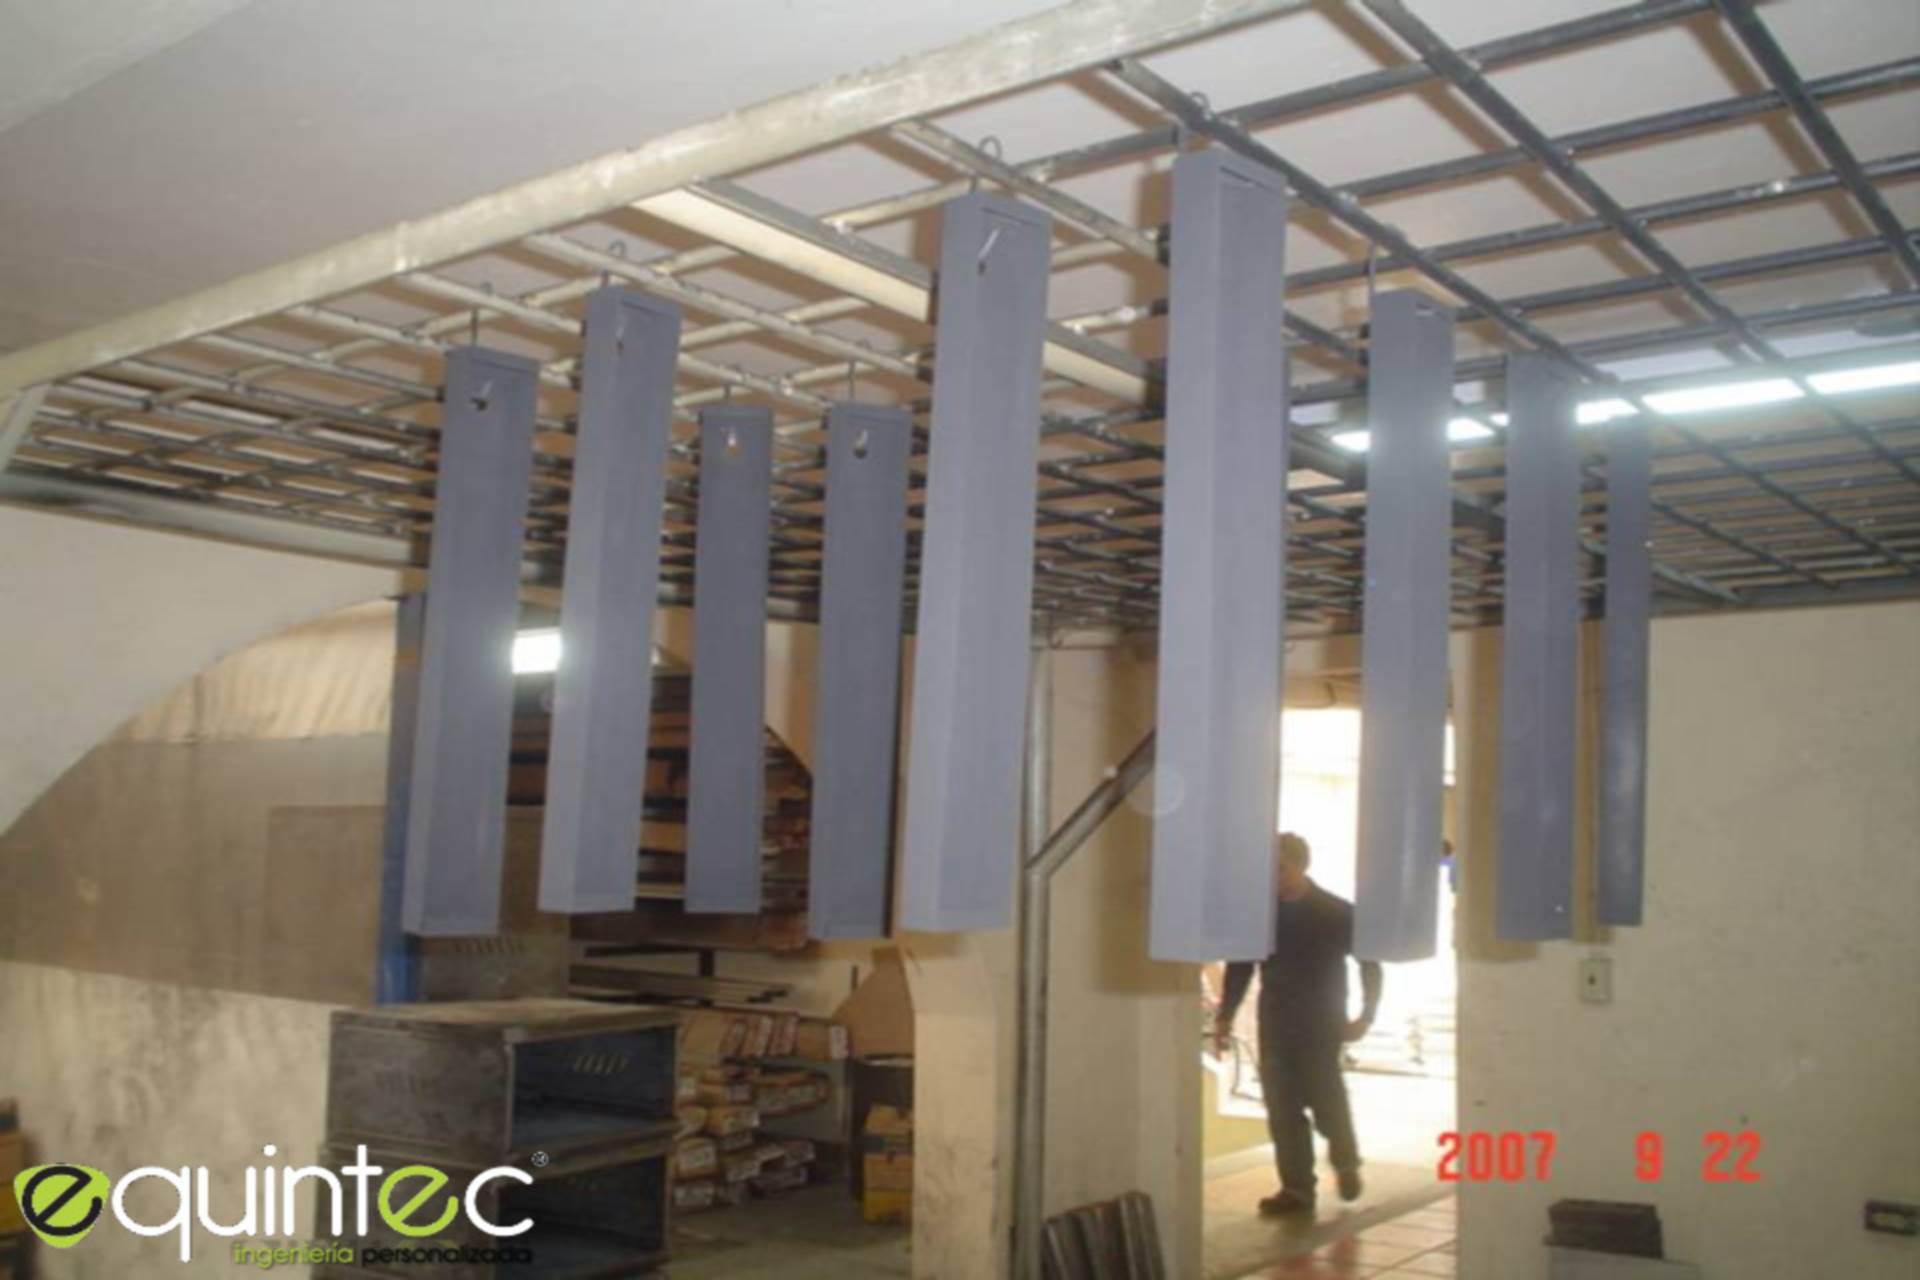 pintura-electrostatica-equintec